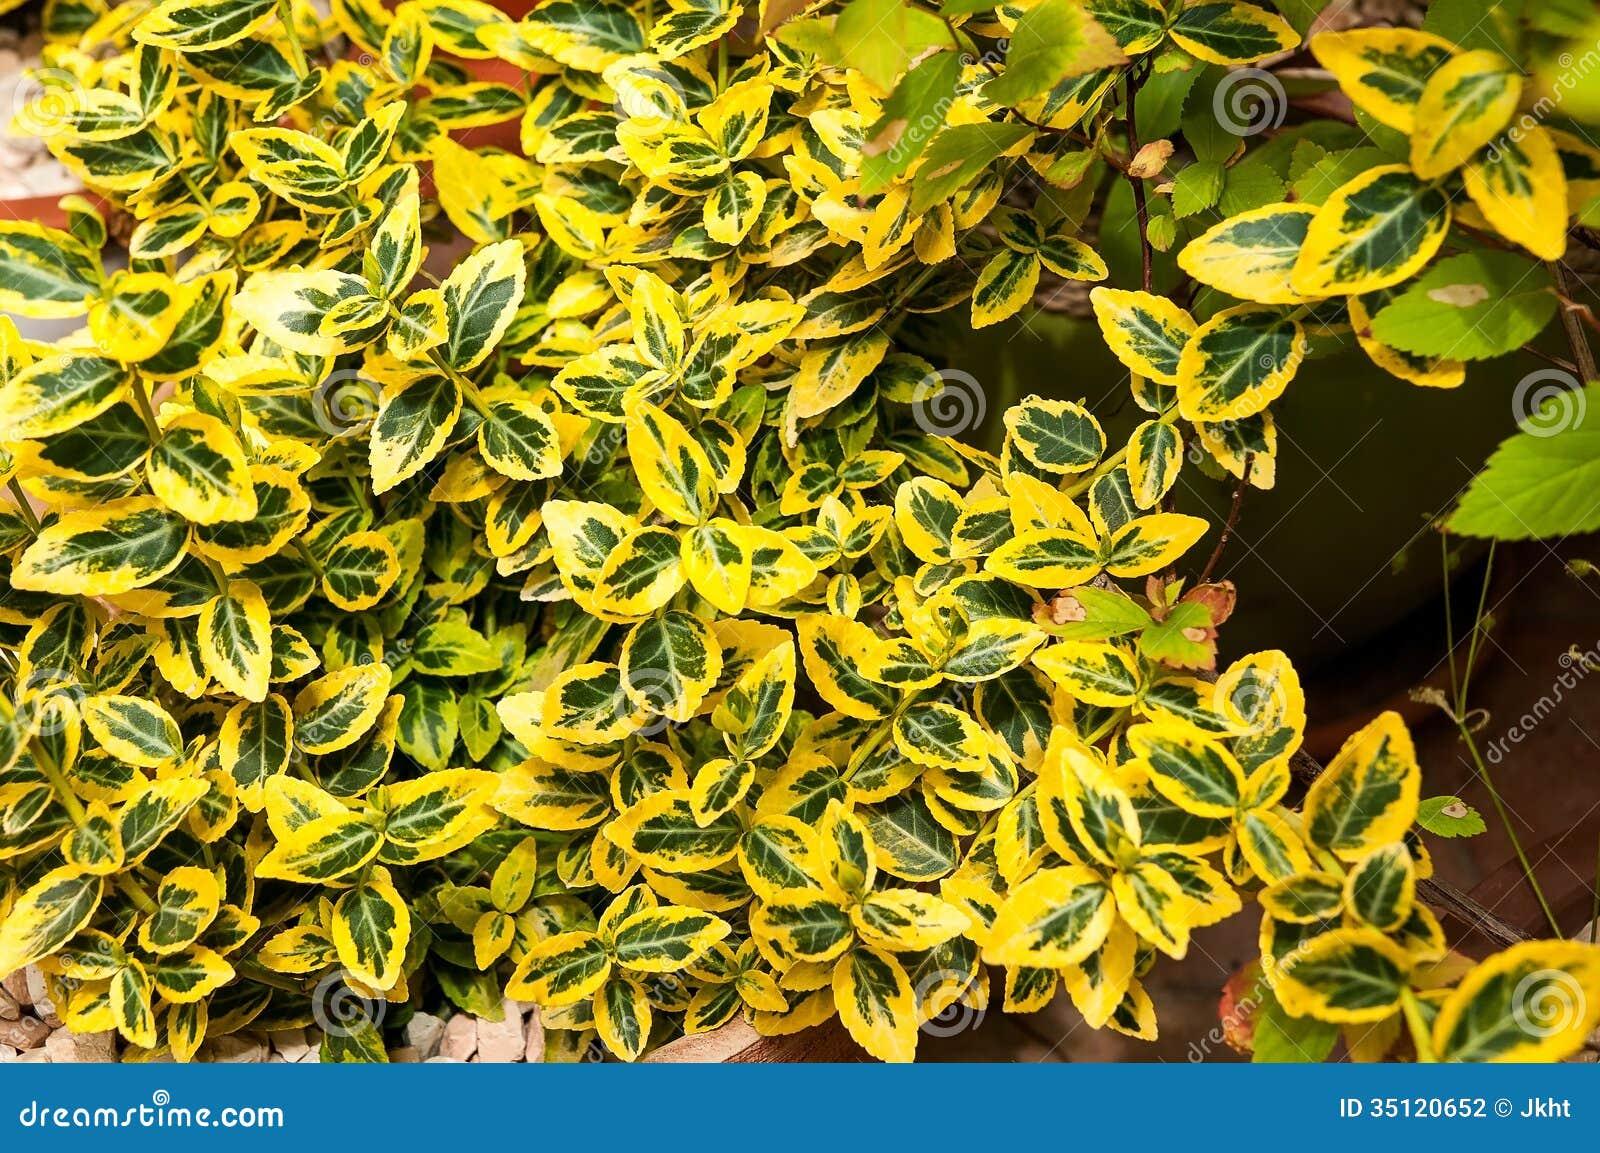 Pianta Verde E Gialla Fotografia Stock - Immagine: 35120652